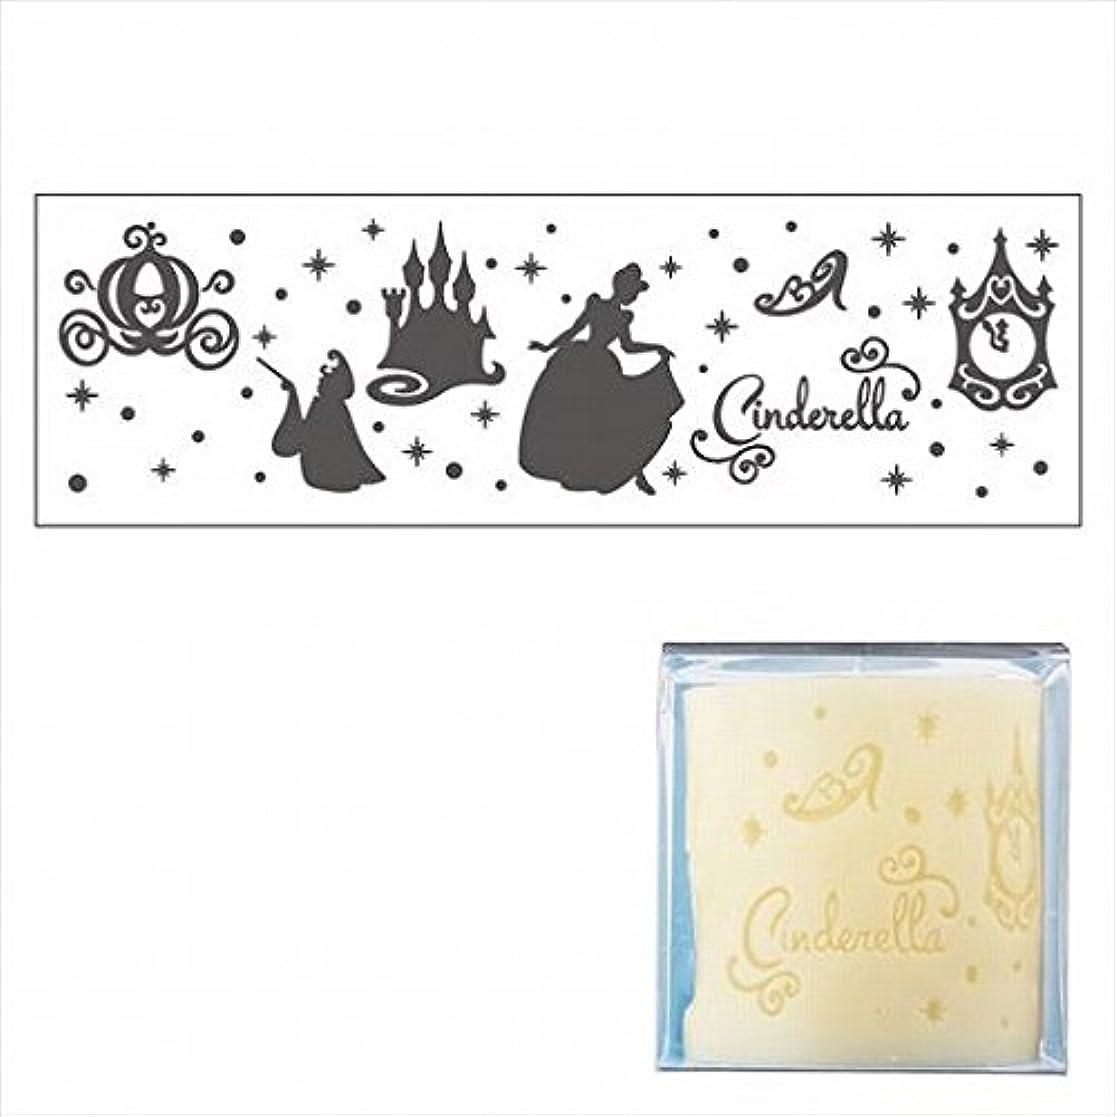 落ち着く激しい下位kameyama candle(カメヤマキャンドル) ディズニーLEDキャンドル 「 シンデレラ 」(A4320030)